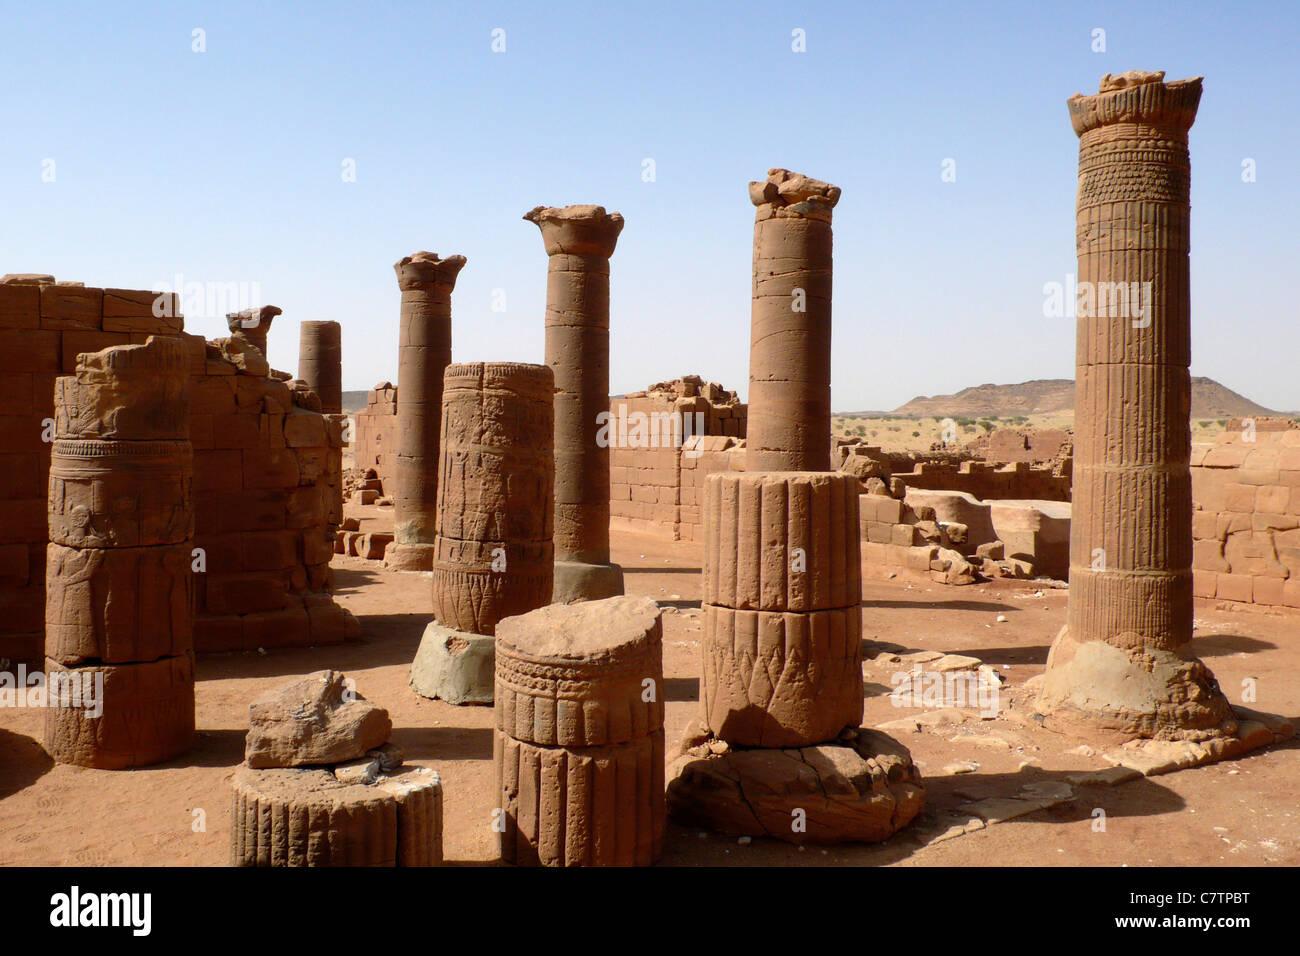 Africa, Sudan, Nubia, Musawwarat, archaelogical site - Stock Image